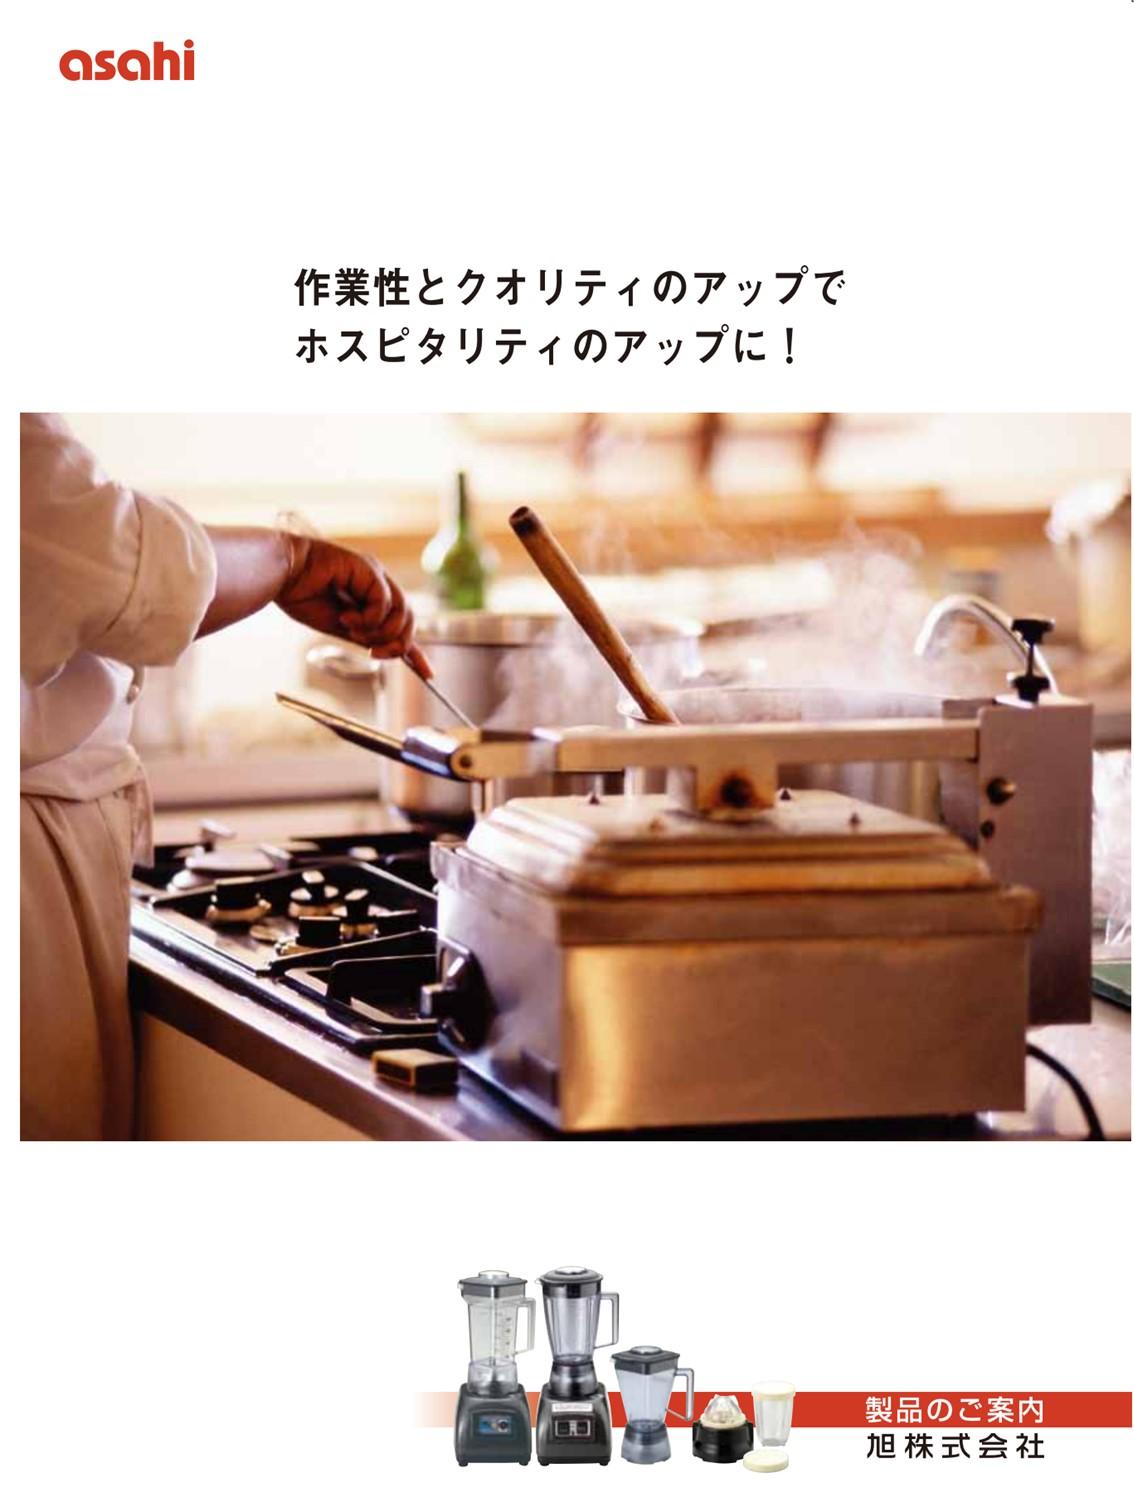 旭(株)カタログ